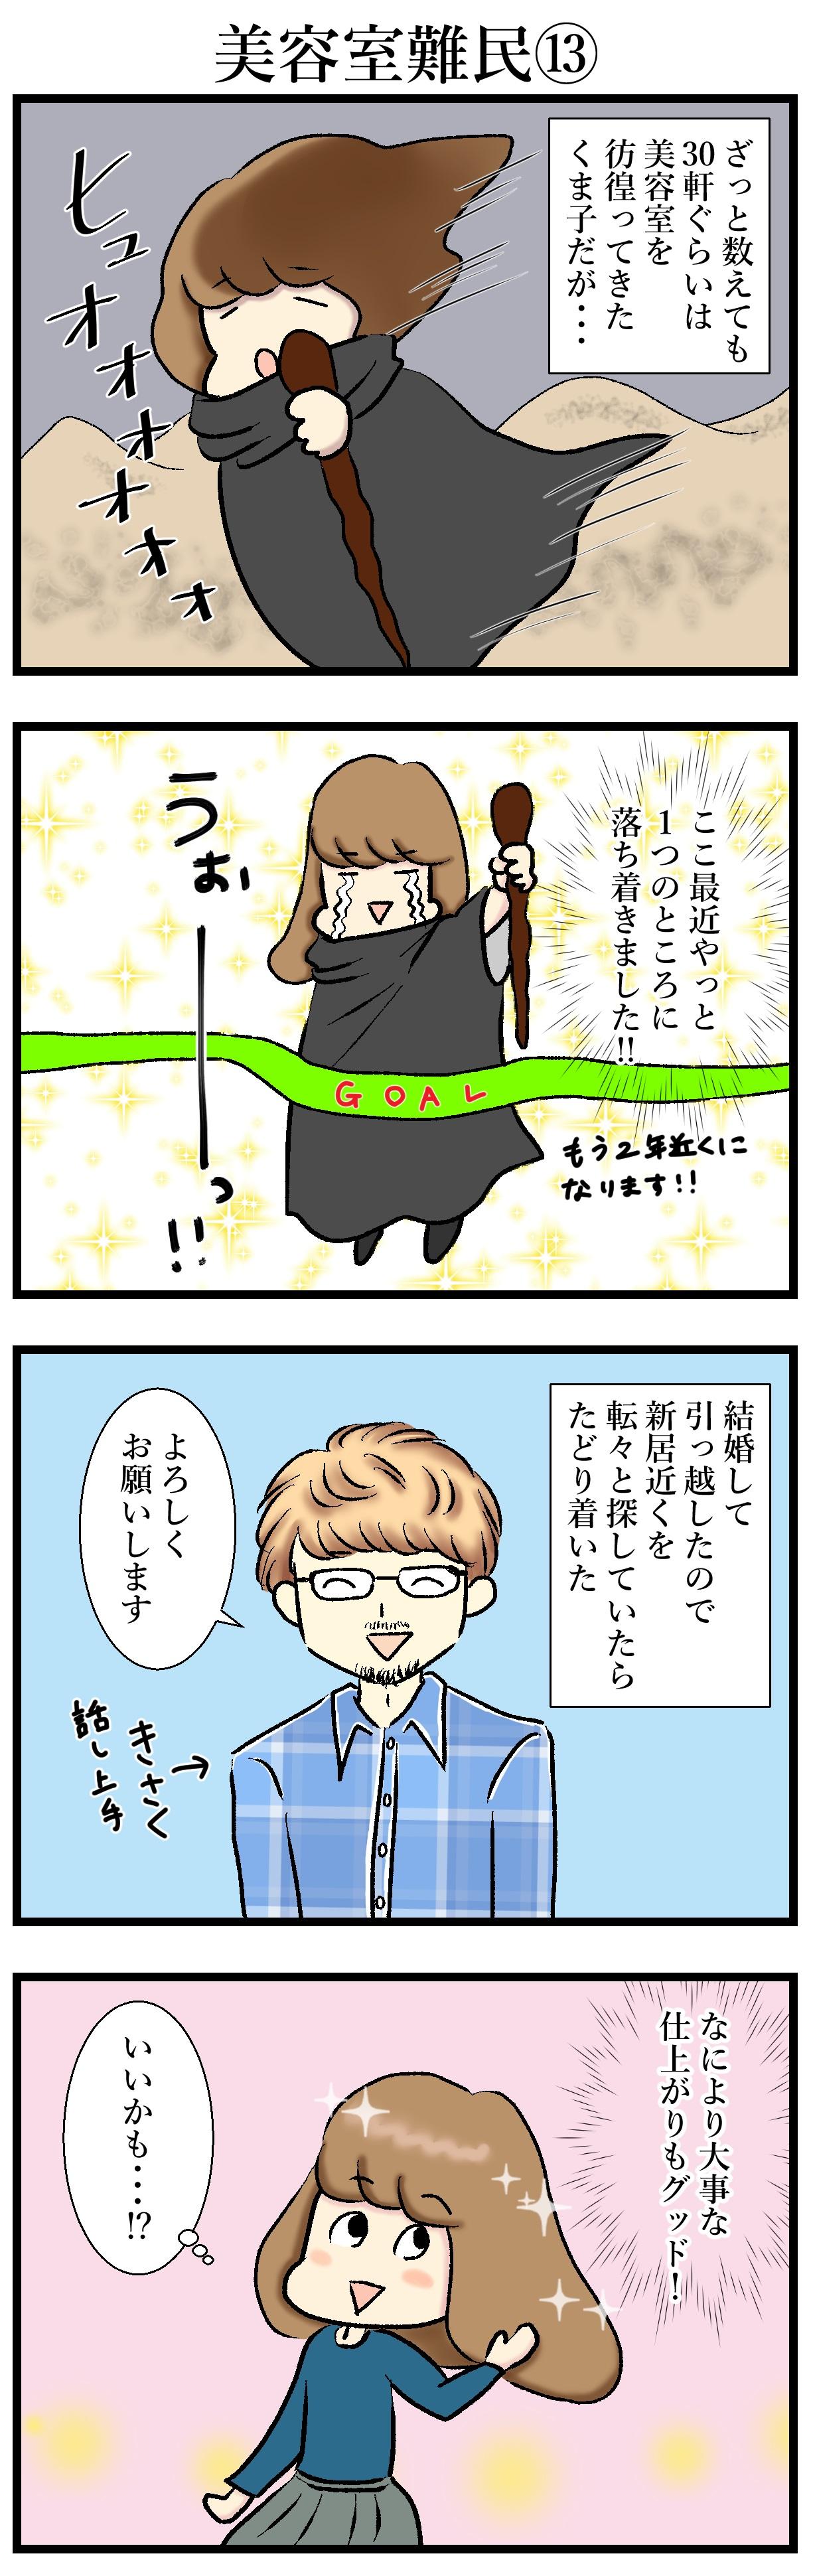 【エッセイ漫画】アラサー主婦くま子のふがいない日常(17)